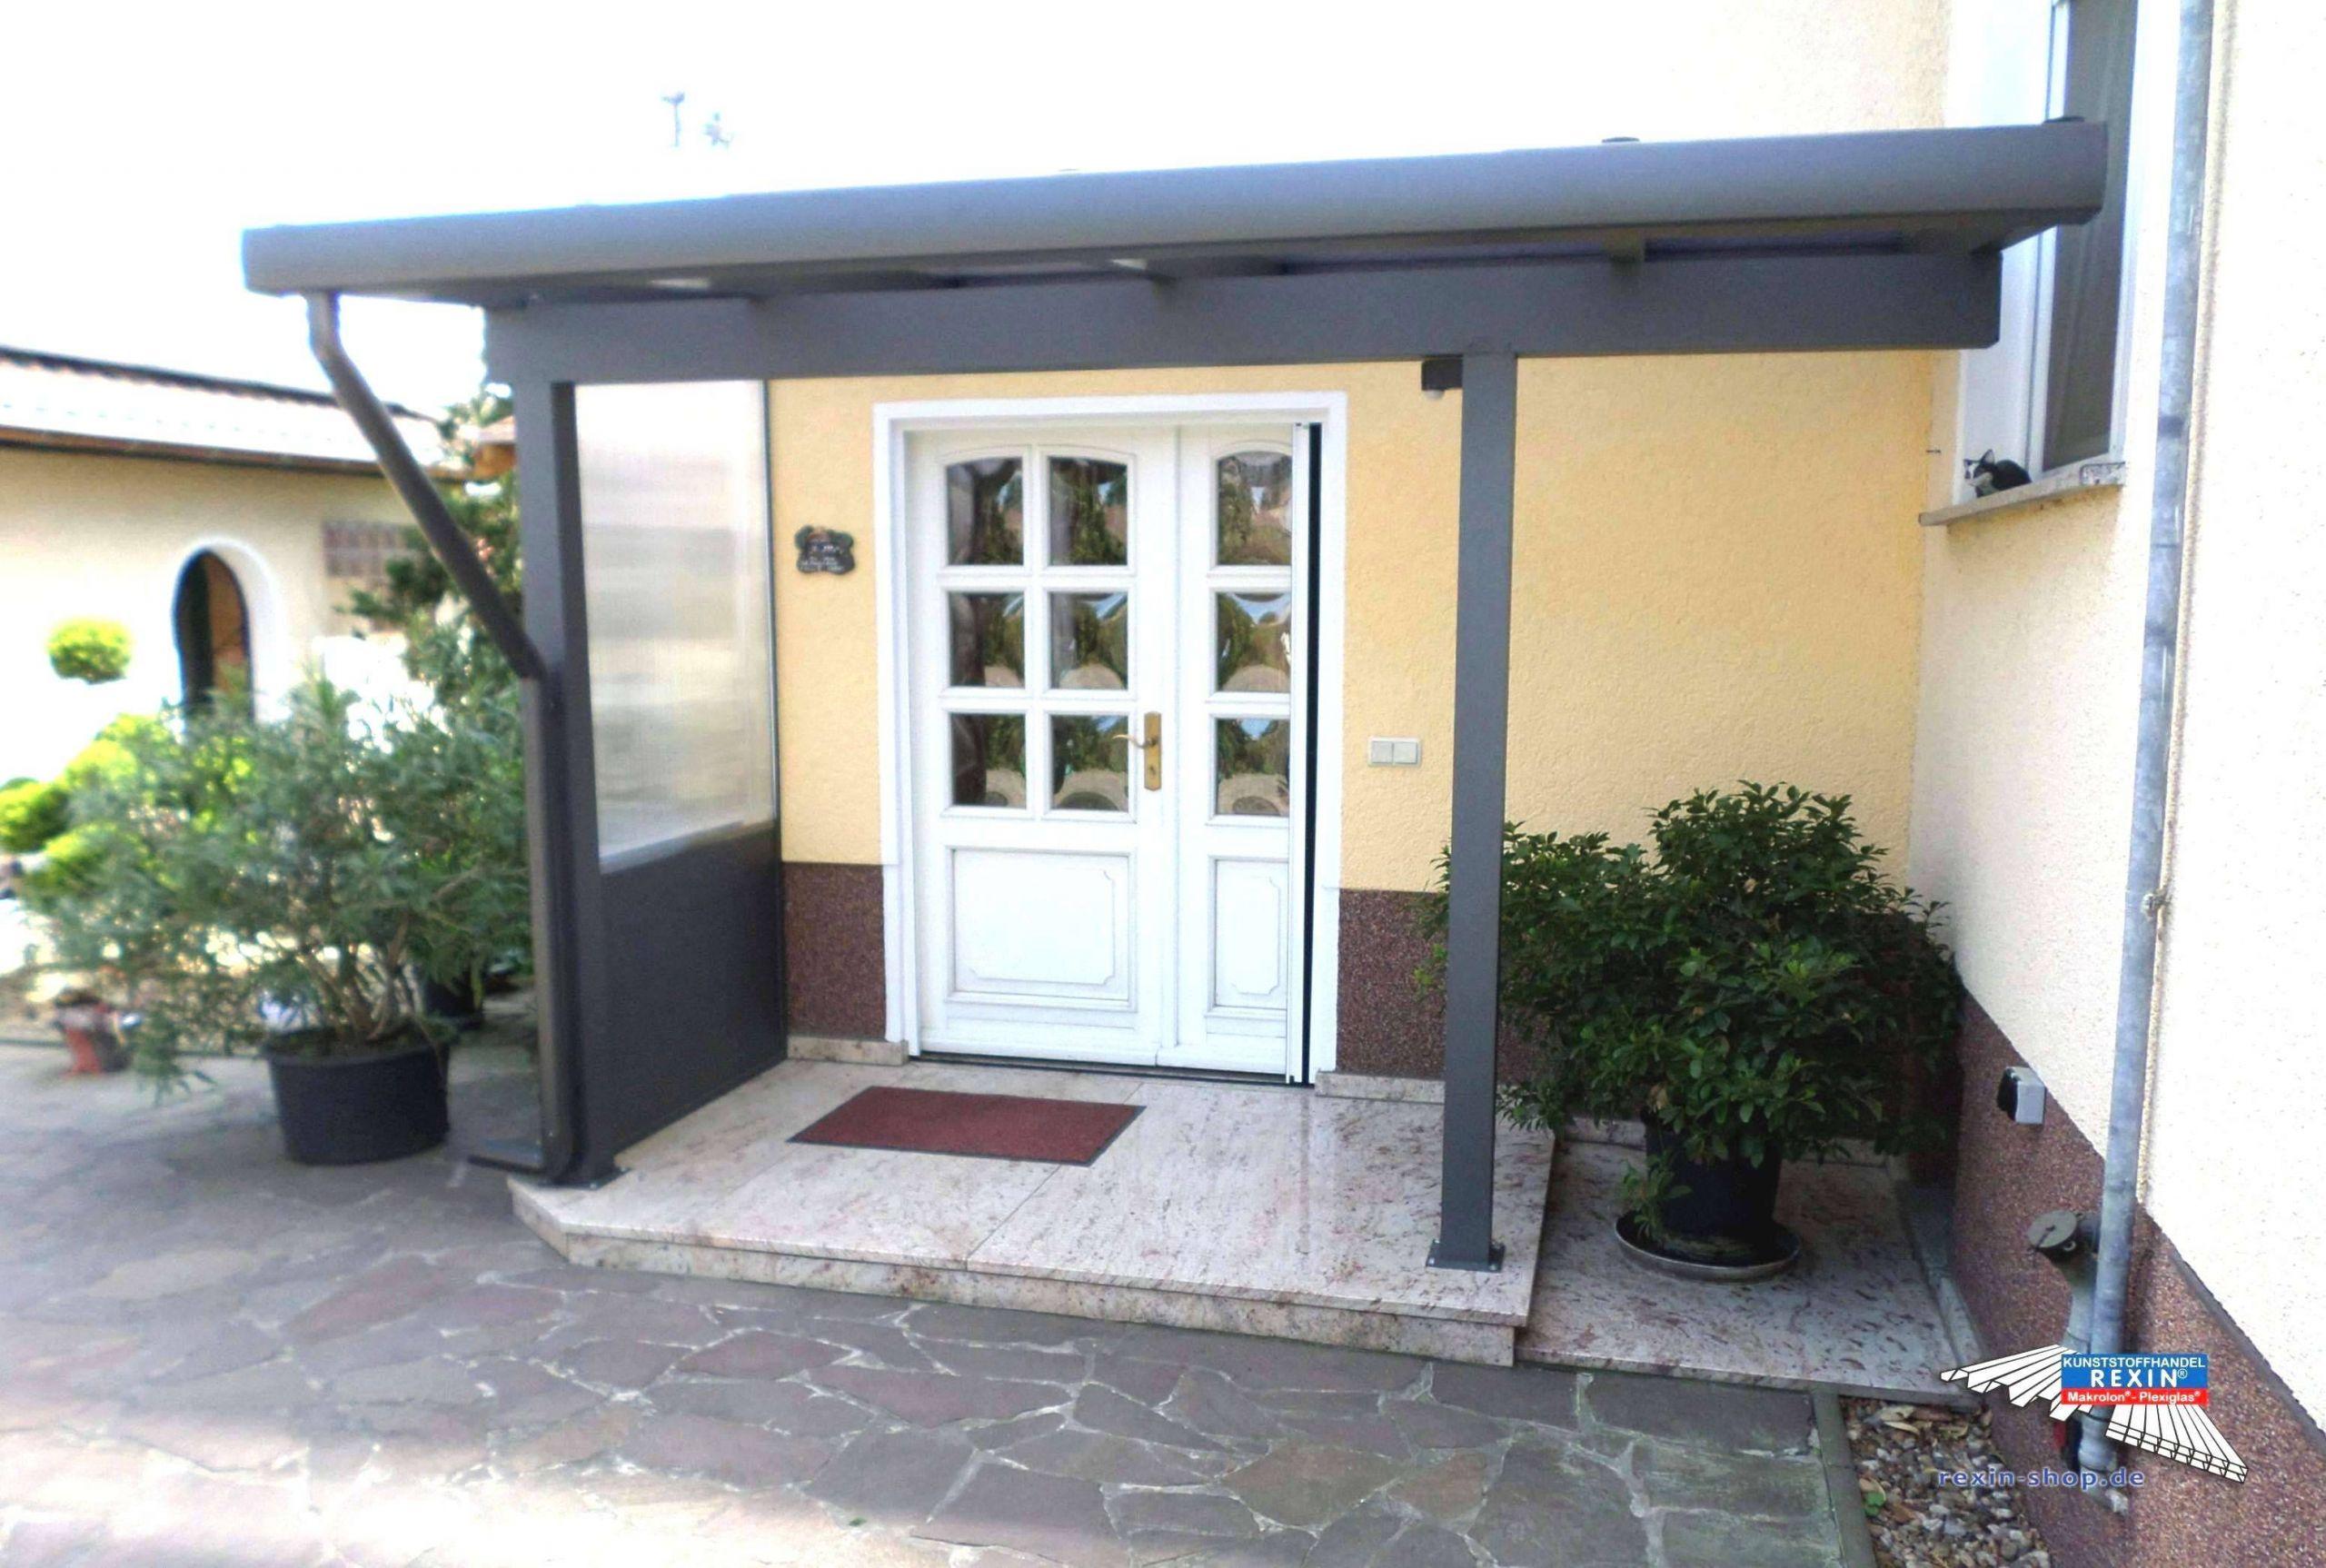 Balkon Deko Selber Machen Inspirierend Lovely Regal Im Wohnzimmer Dekorieren Ideas